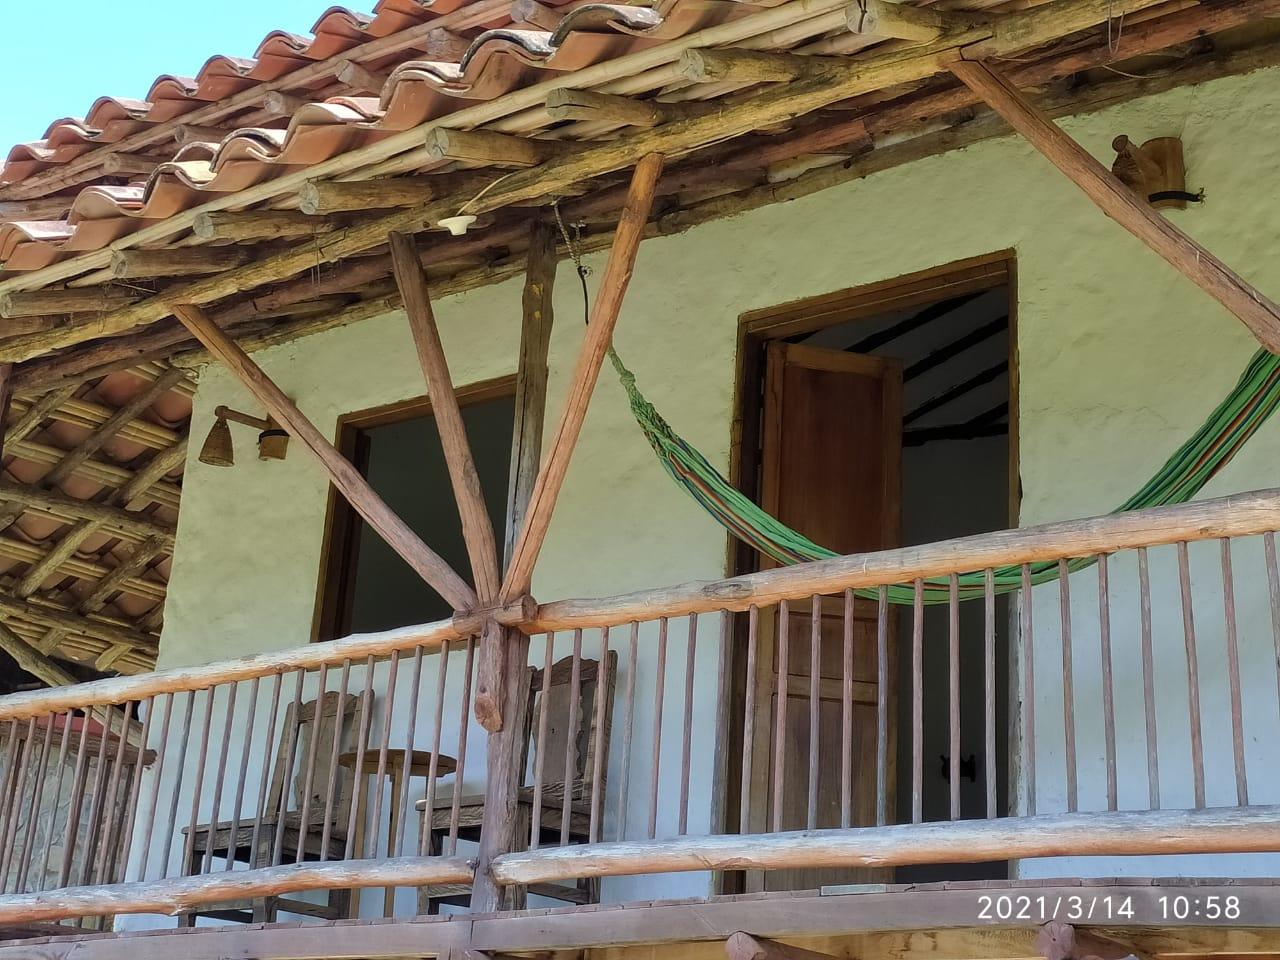 Ausgezeichnete Duplex-Kabine fur 5 Personen vor Pa Ferienhaus in Südamerika